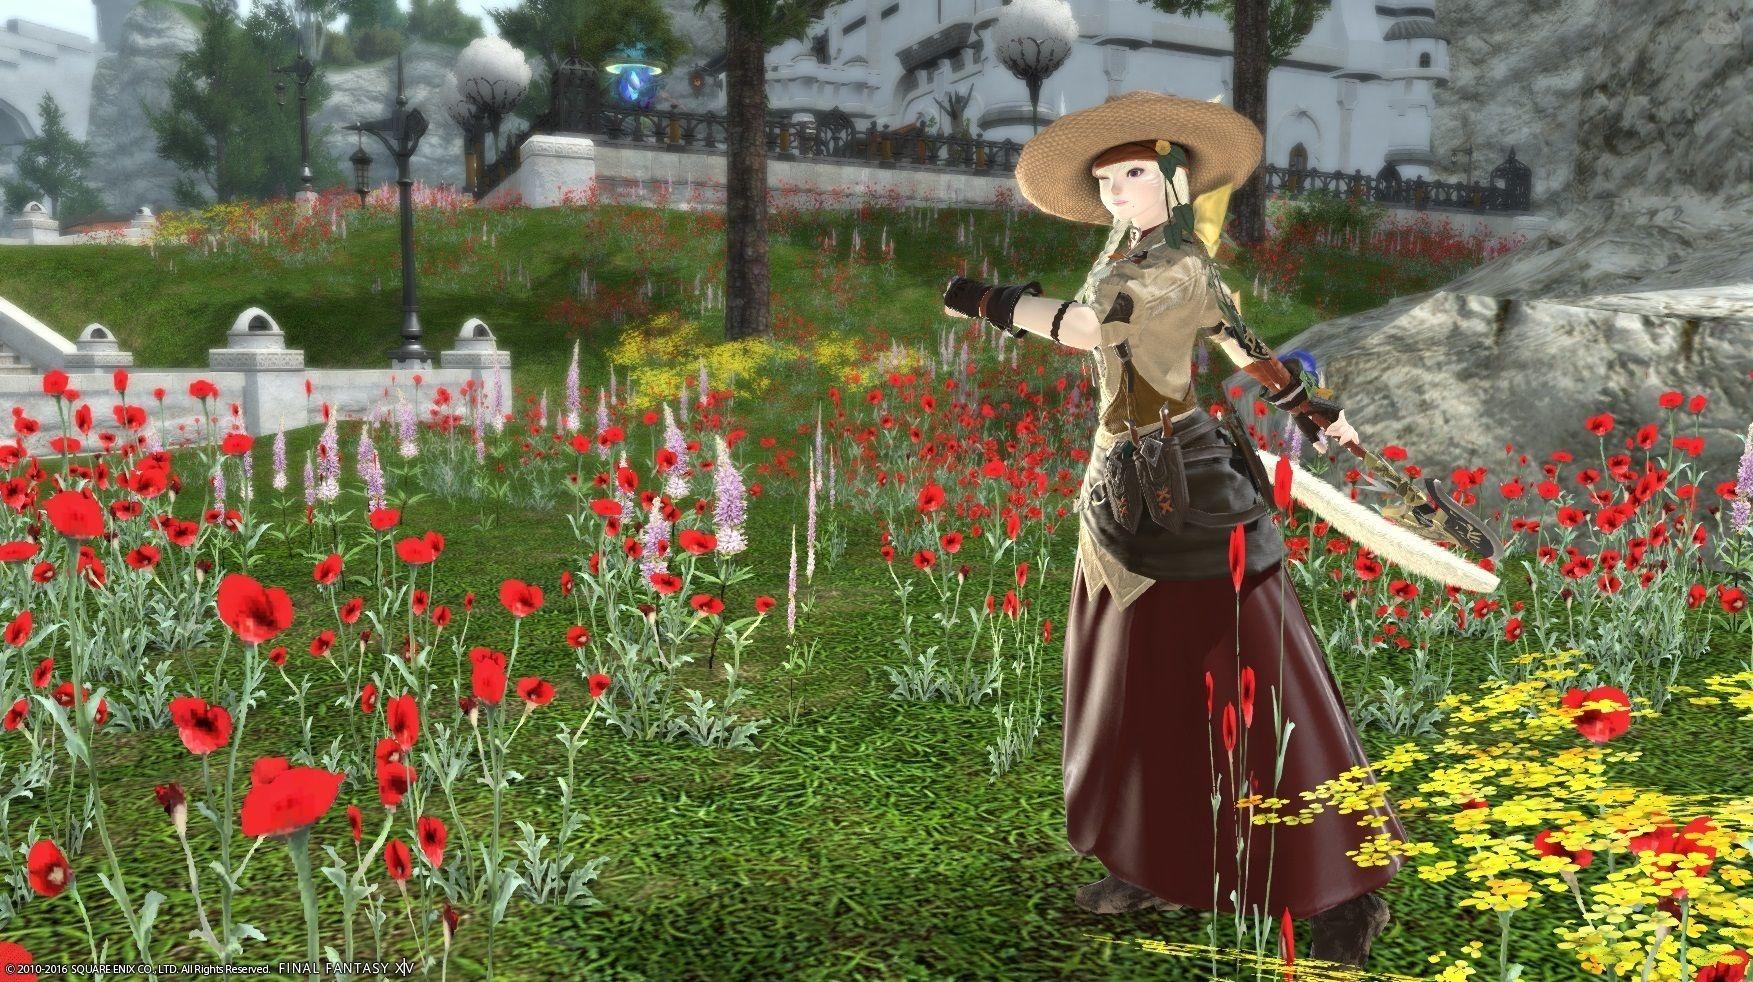 園芸師カンスト記念コーデ